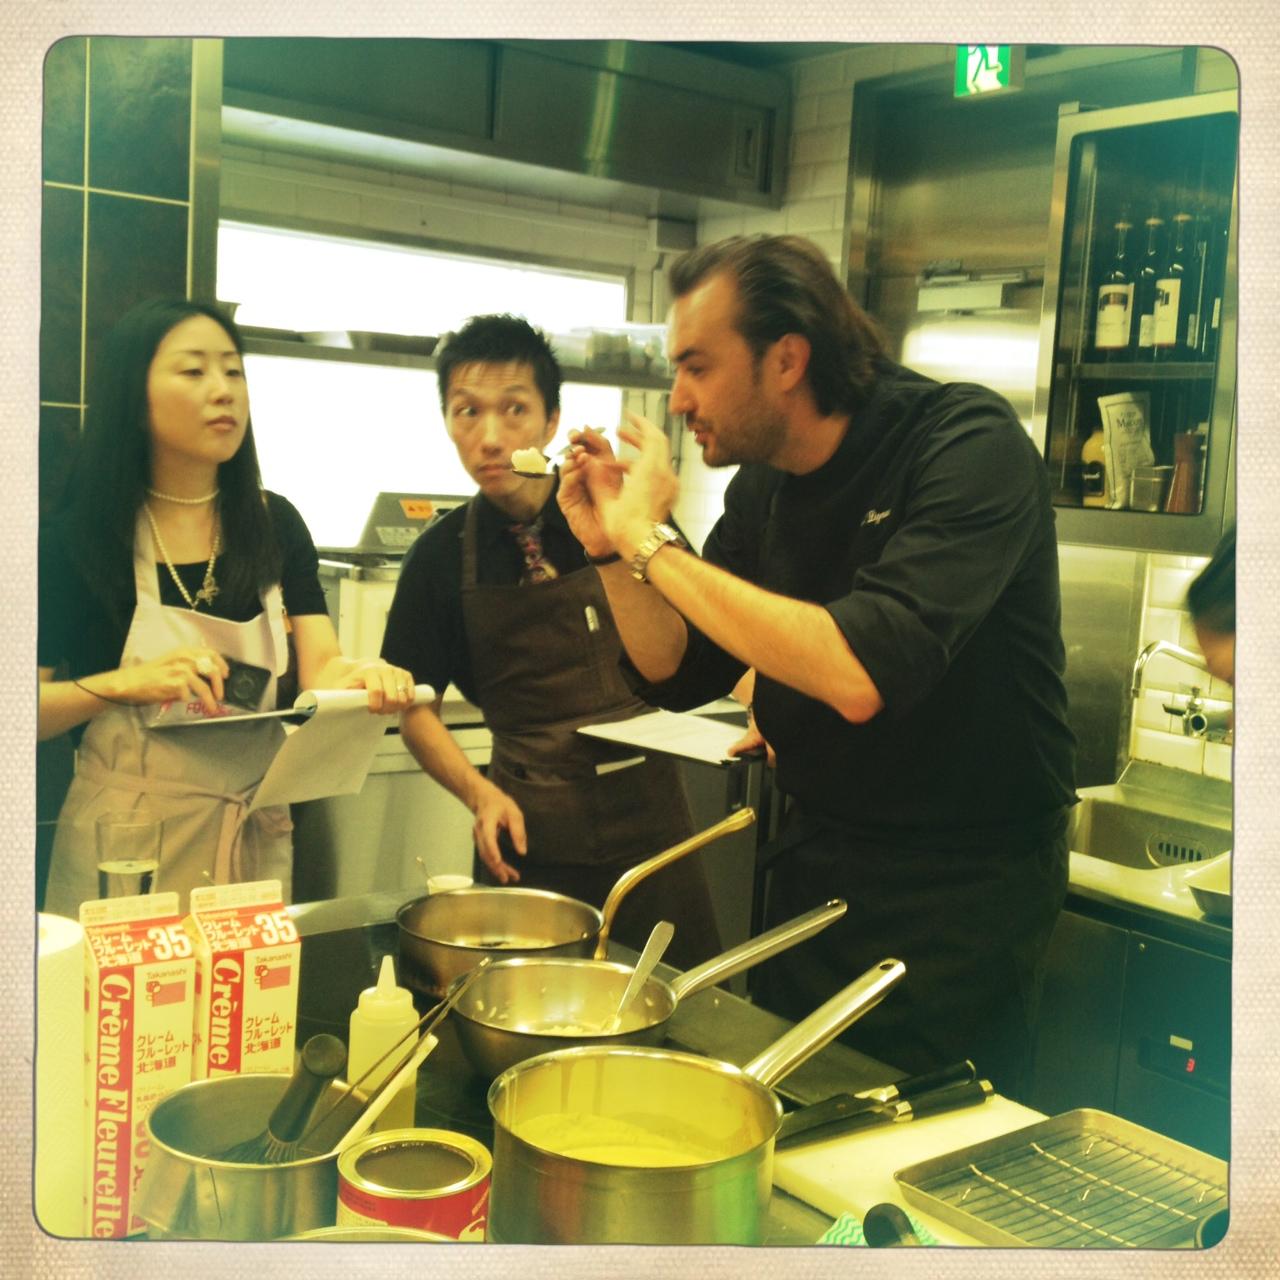 Le chef au japon le blog de cyril lignac - Cours de cuisine cyrille lignac ...